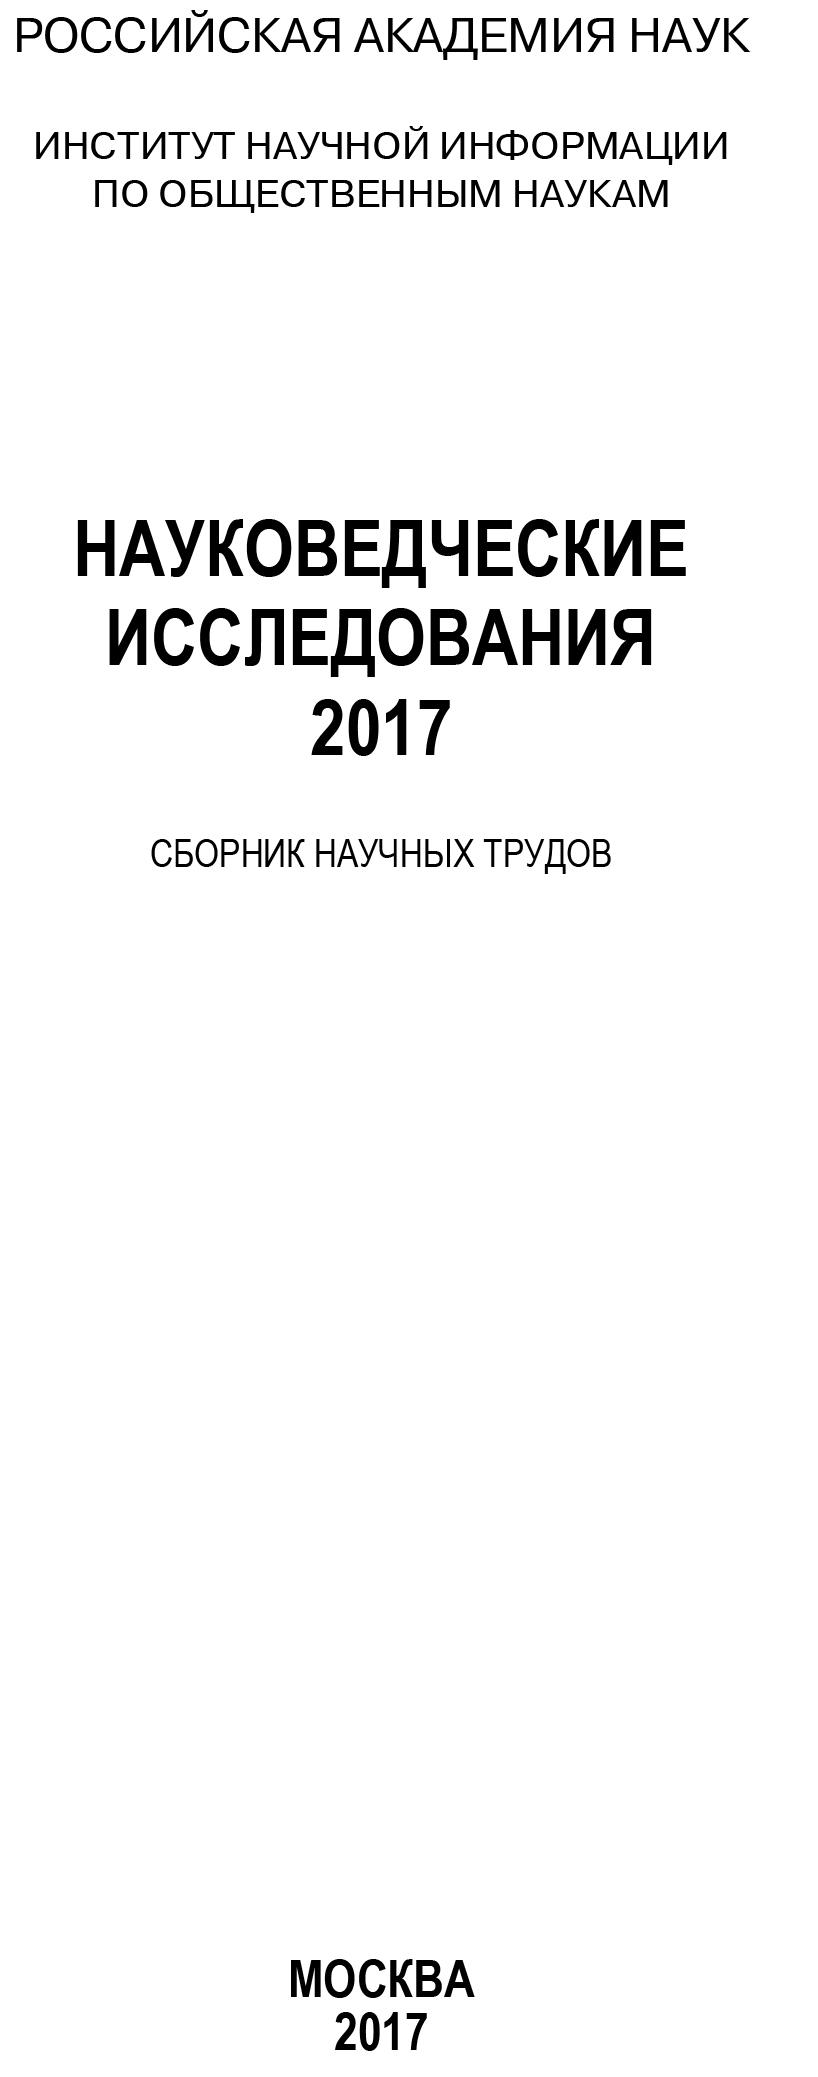 Науковедческие исследования. 2017